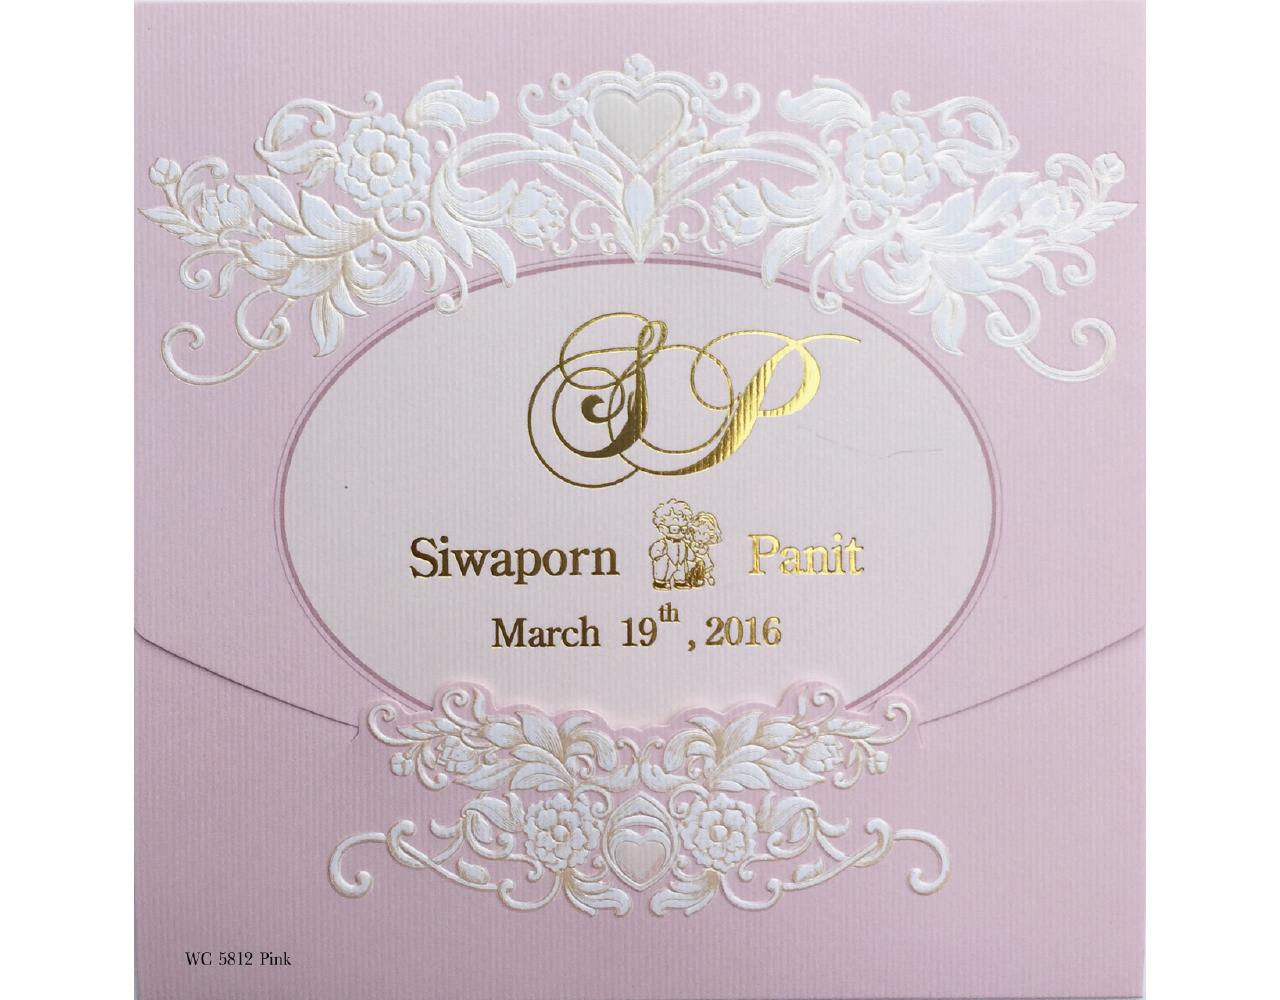 การ์ดแต่งงาน 5.9 x 5.9 inch wc 5812 Pink